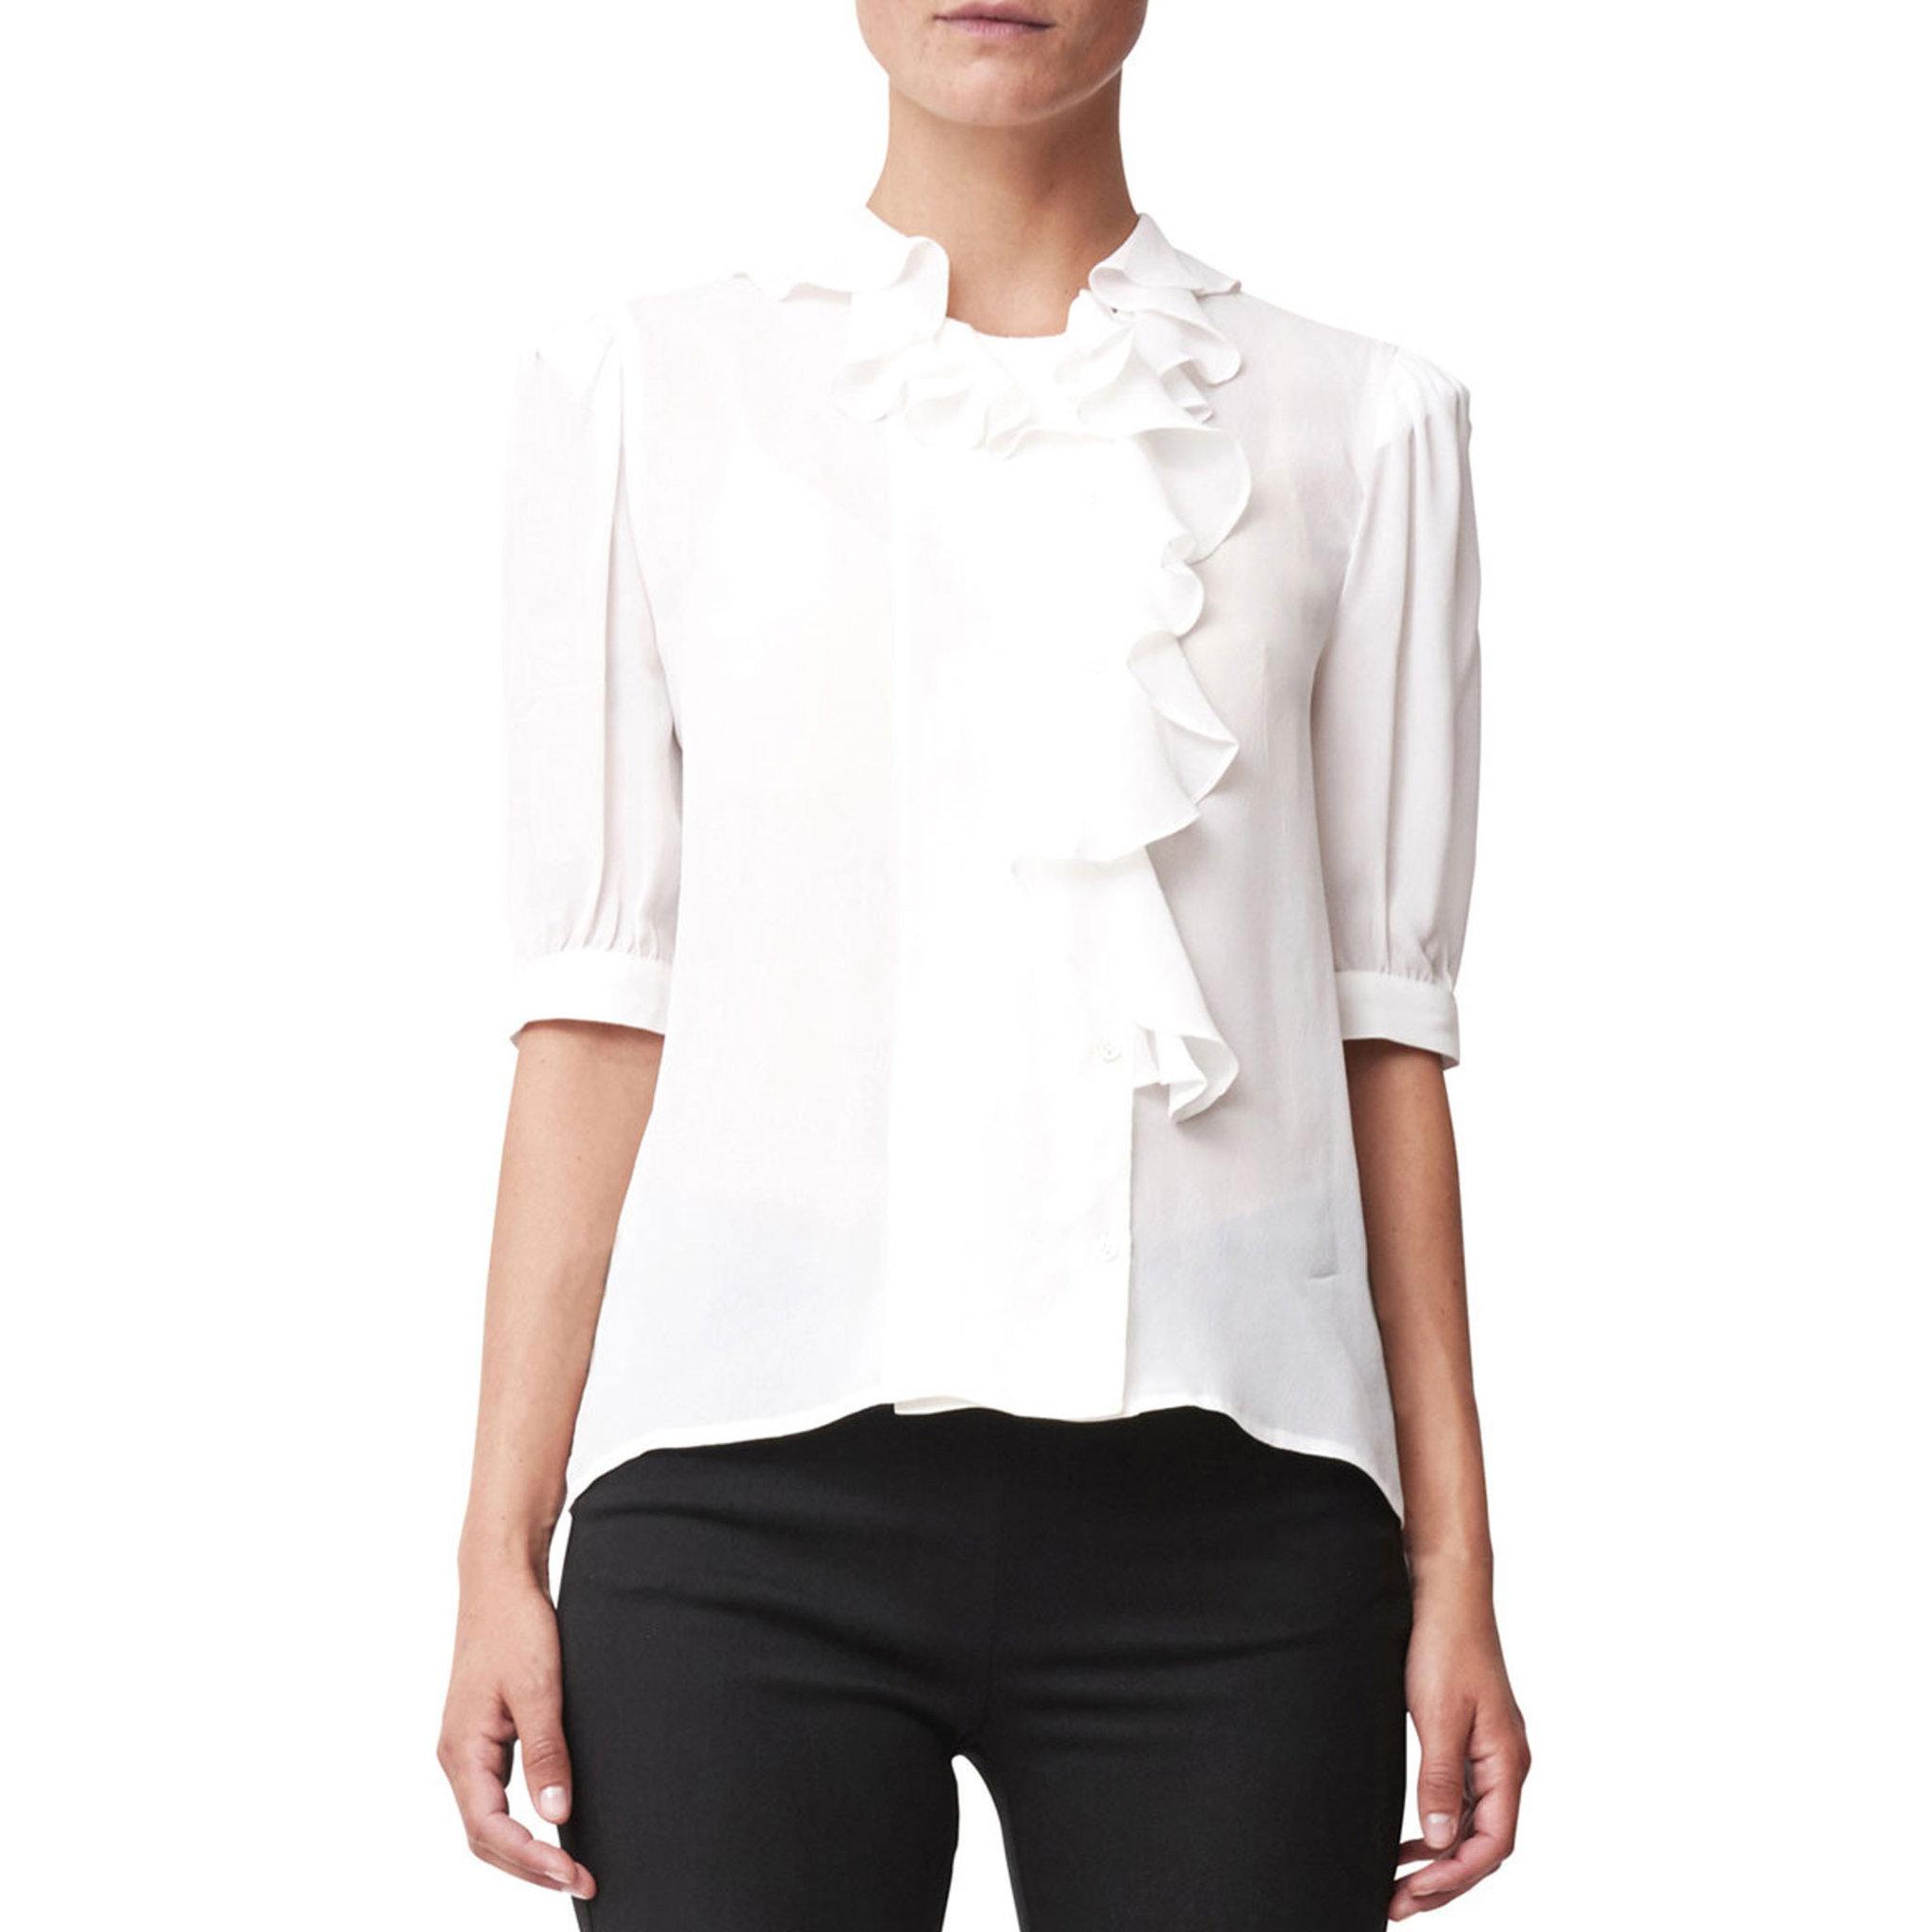 Blus Xilla Crest - Blusar   skjortor - Köp online på åhlens.se! 19f36f71009d5